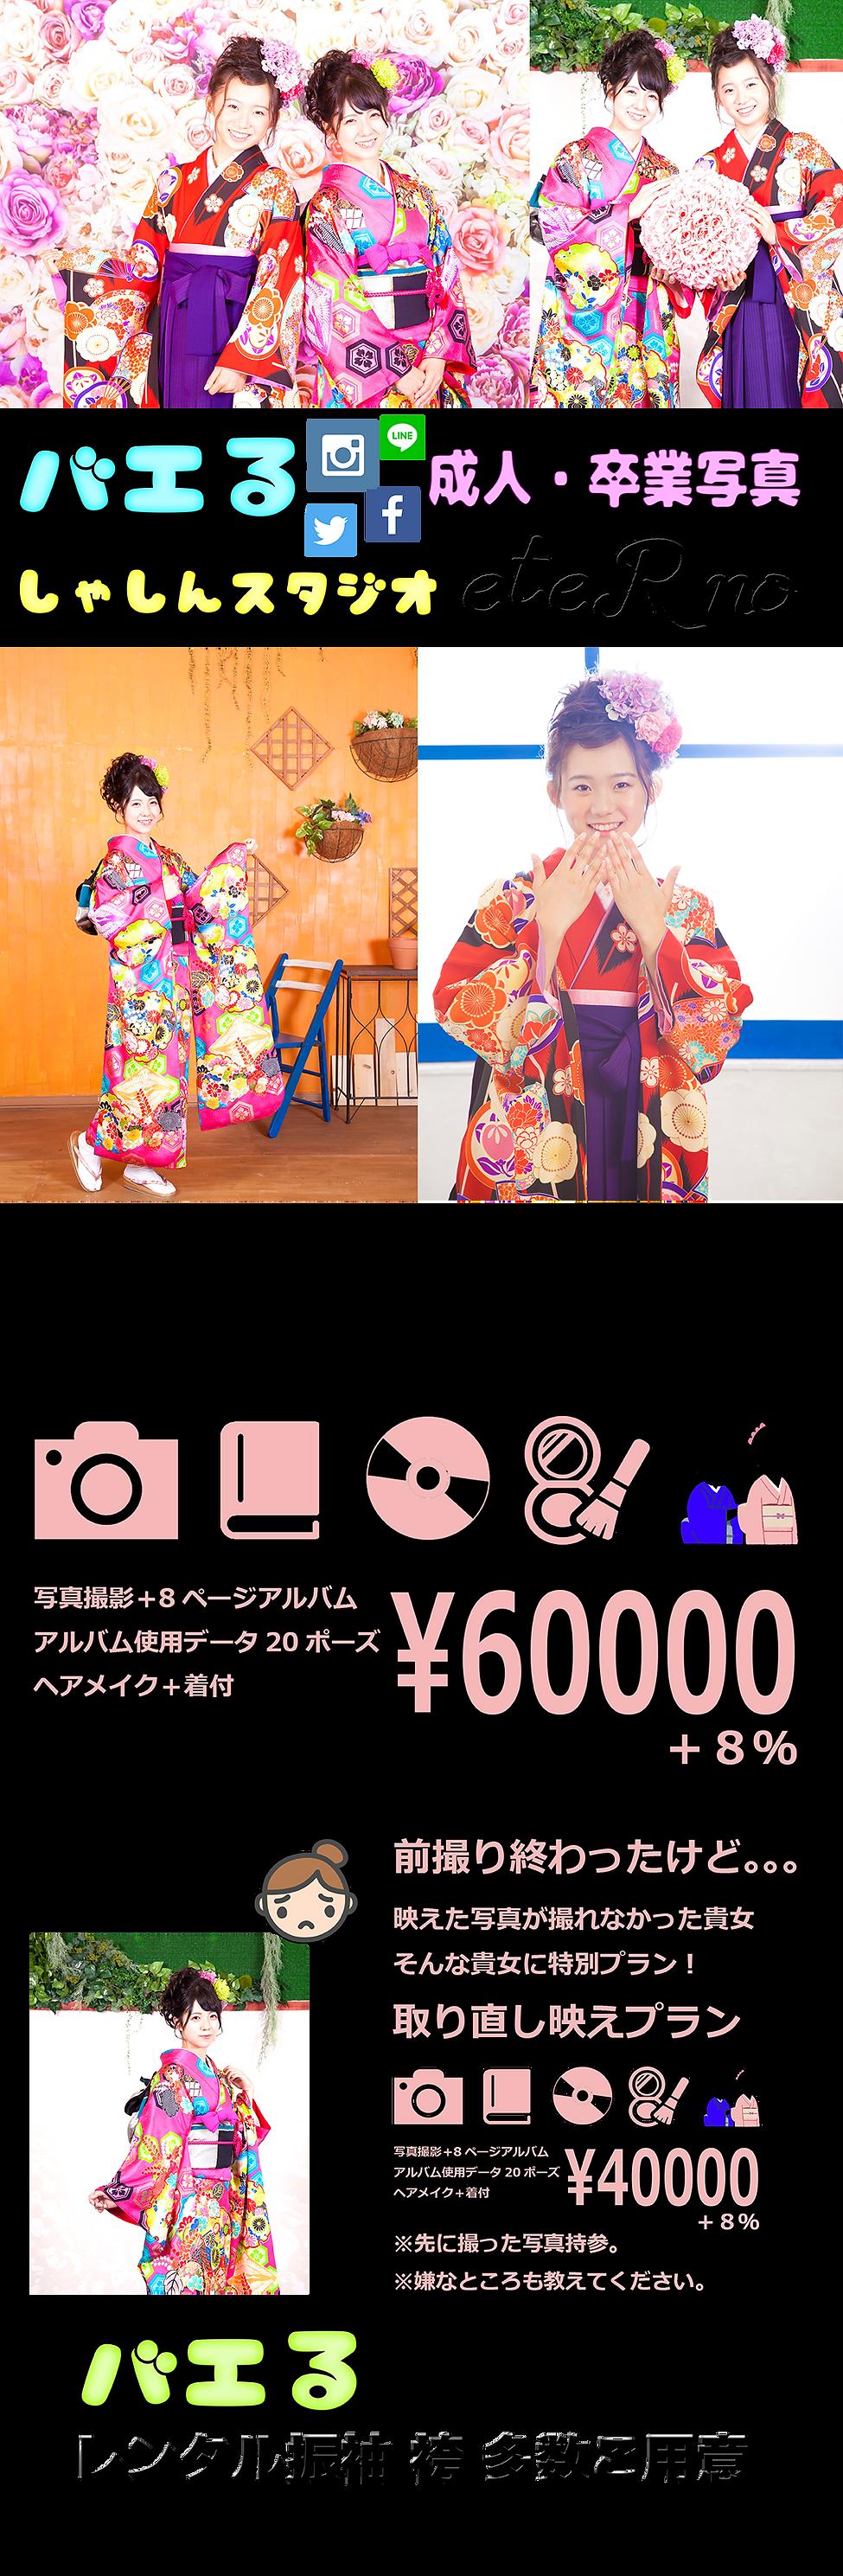 釧路成人前撮り卒業袴写真エテルノ